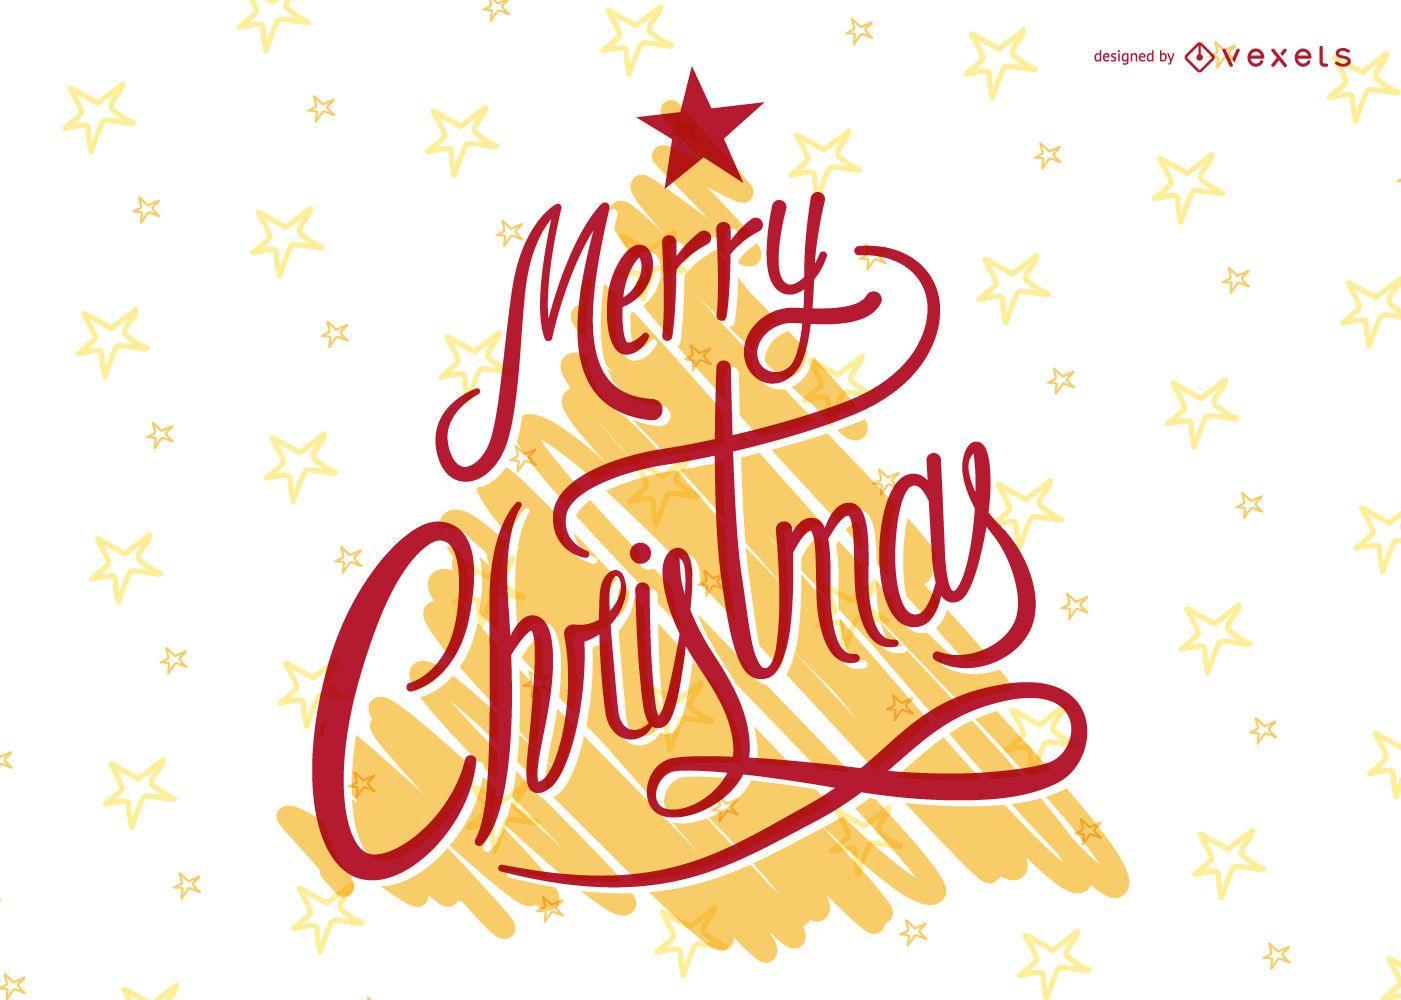 Letras de Navidad festiva sobre árbol